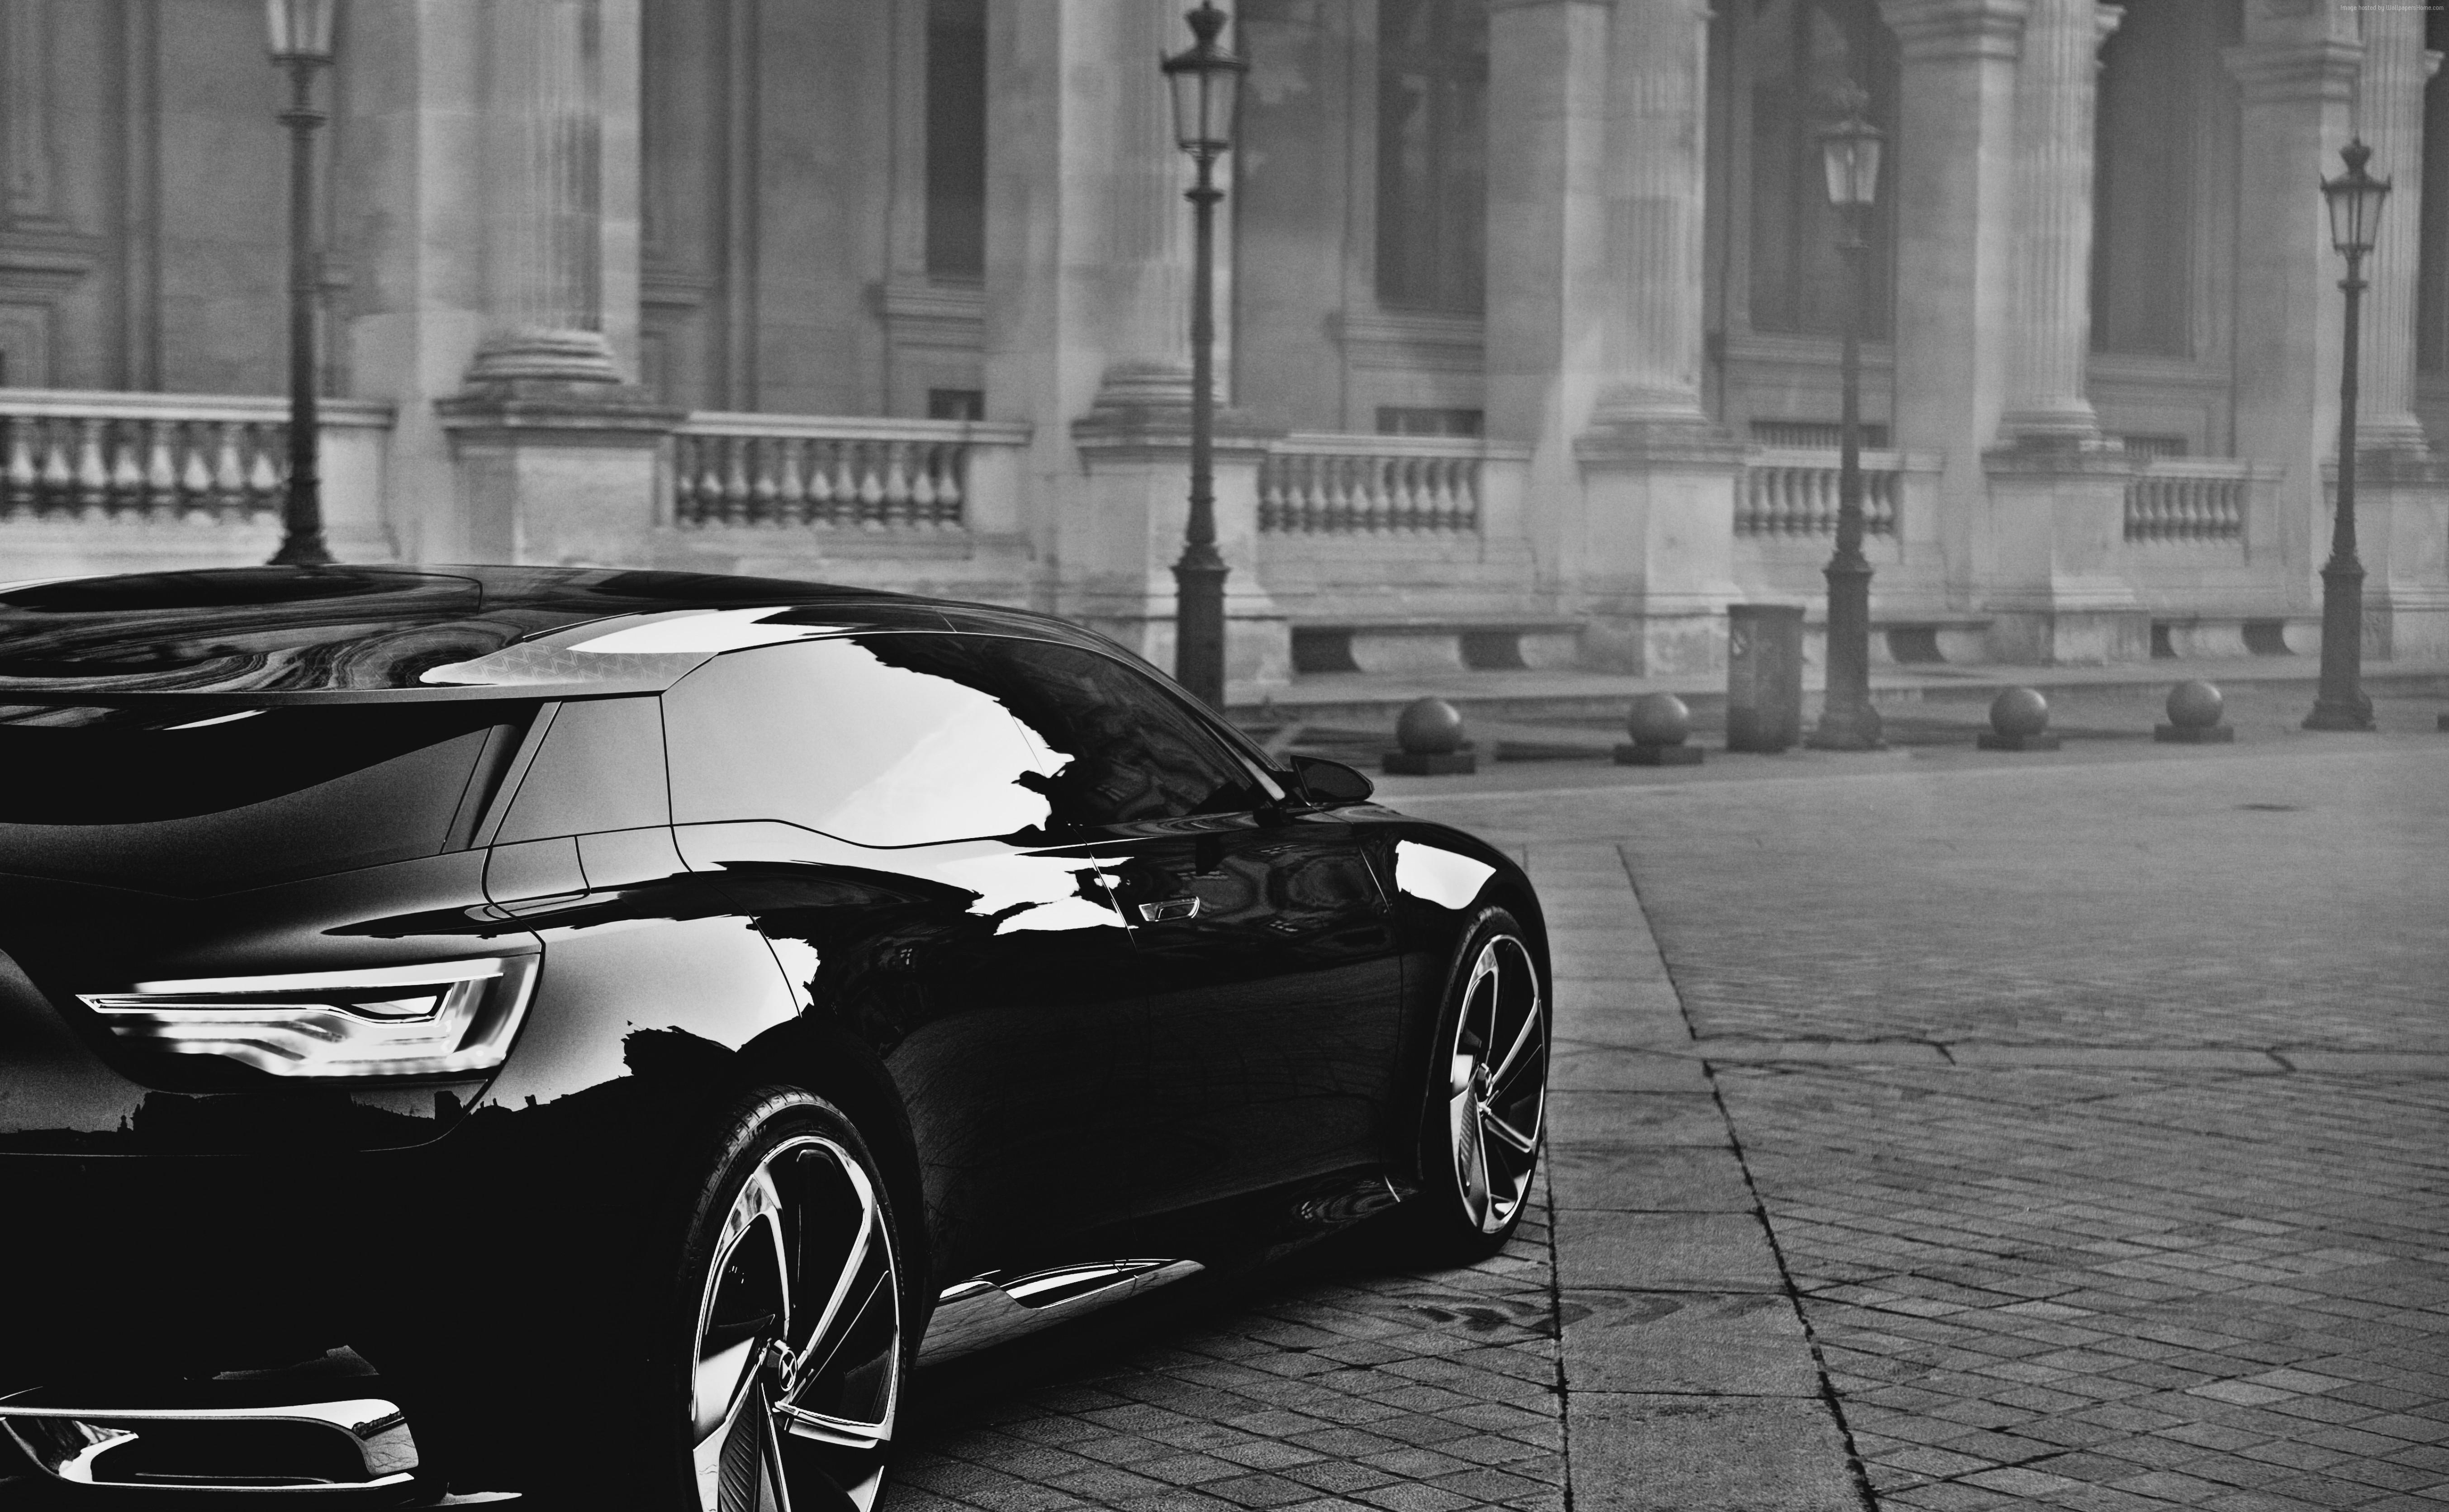 Expensive Cars Black And White 5414x3343 Wallpaper Teahub Io